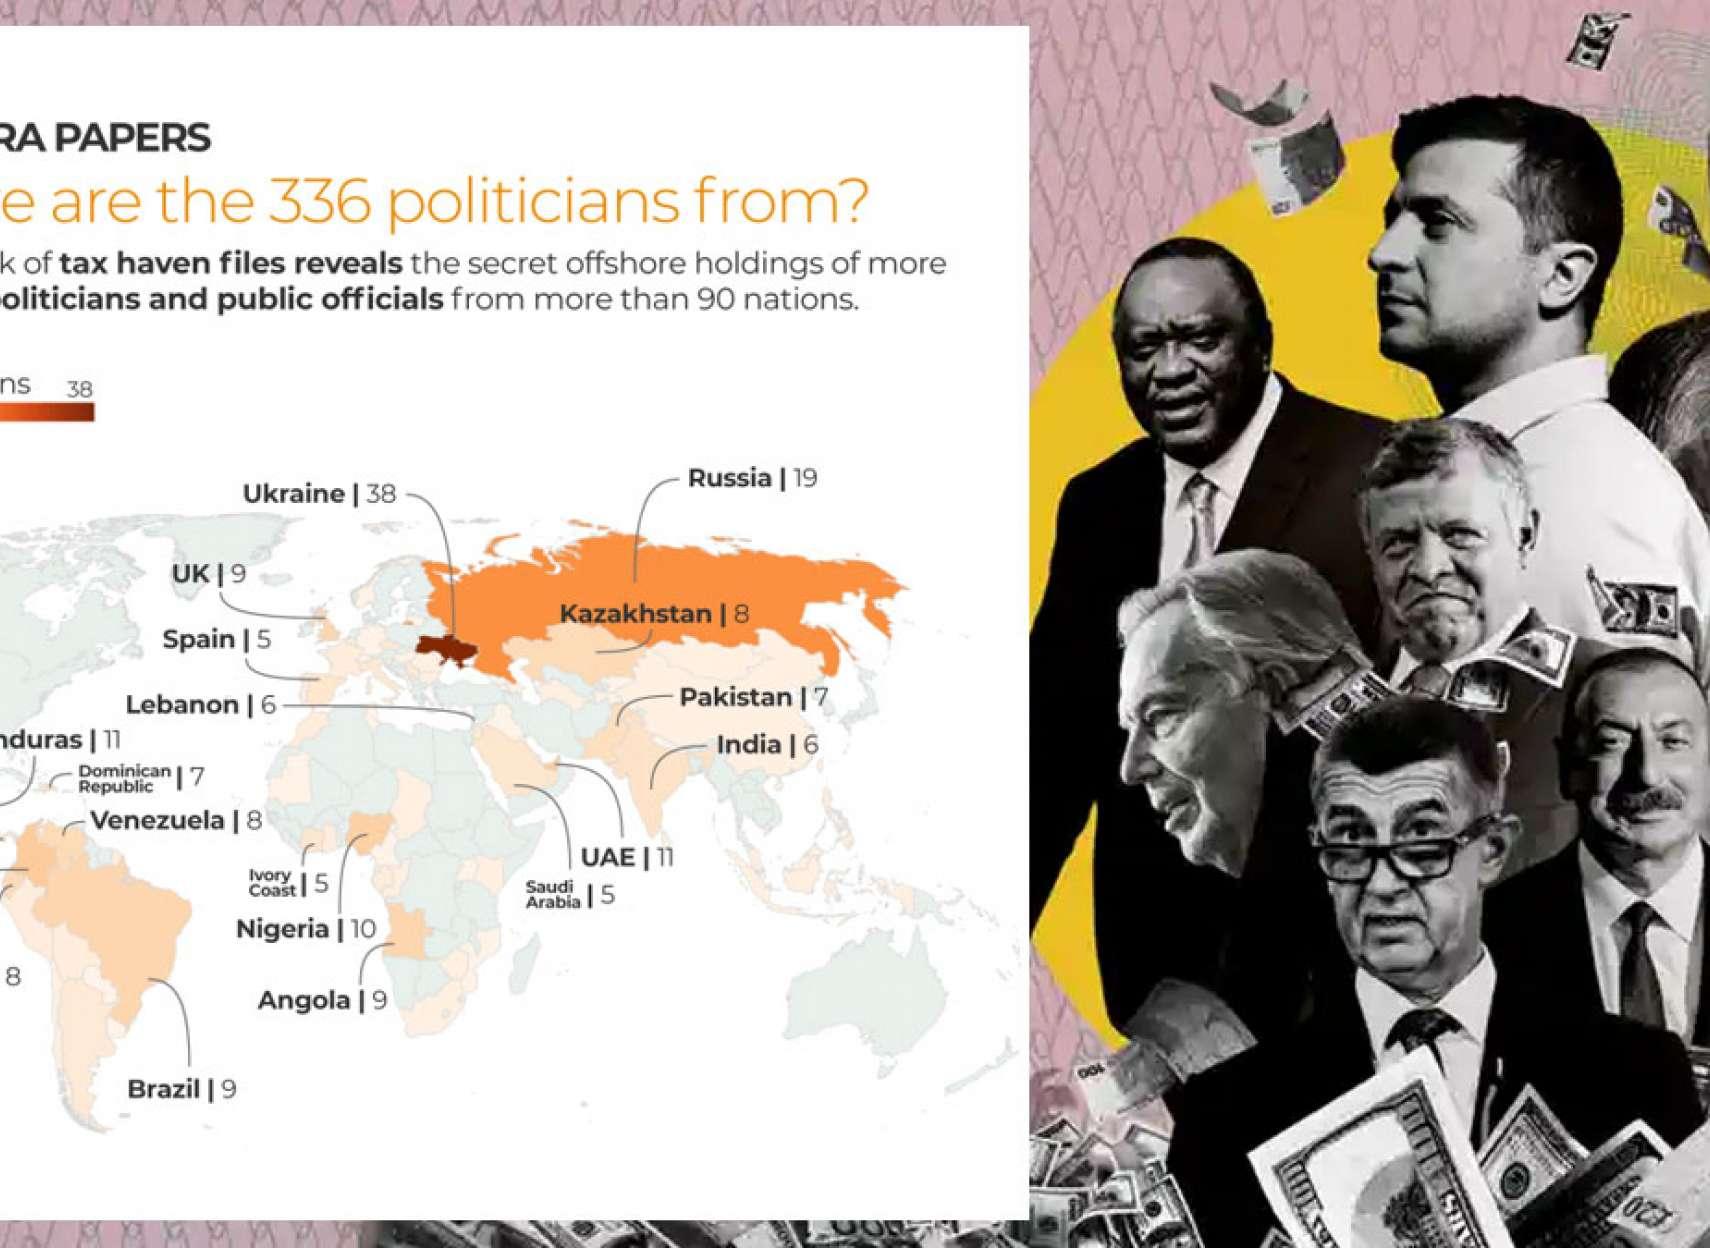 خبر-جهان-لیست-کامل-دزدان-مالیاتی-پاندورا-پادشاه-امیر-رئیس-جمهور-نخست-وزیر-نماینده-مجلس-خواننده-فوتبالی